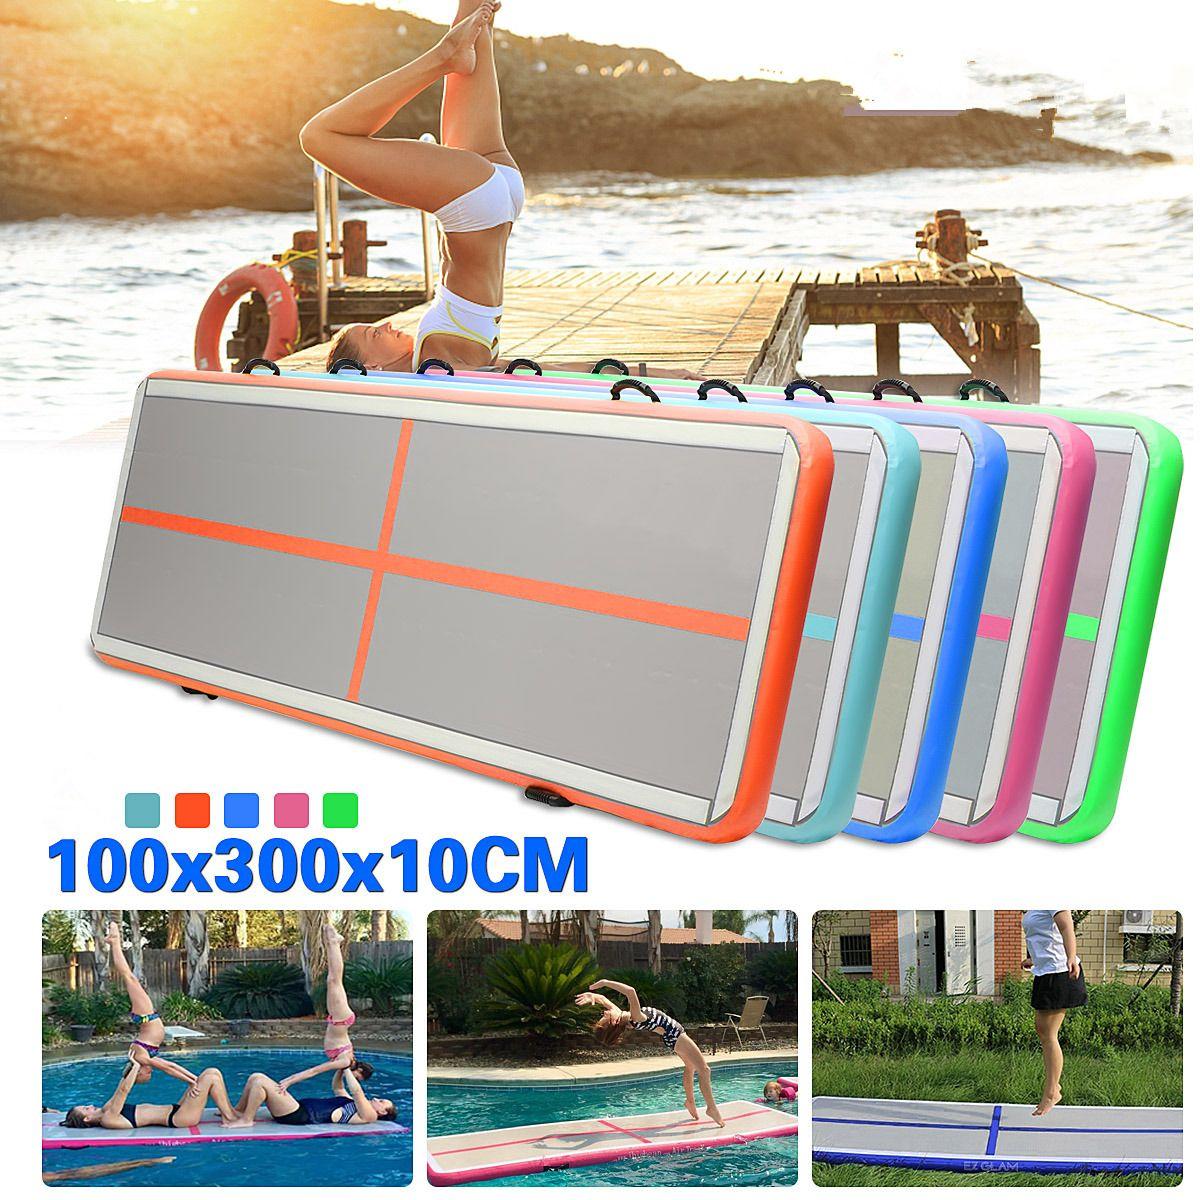 Gofun hergestellt AirTrack Air Taumeln Pants-bahn-training Gymnastik Fußmatten Set Aufblasbare Gleichgewicht Geräte Übung 100*300*10 cm 5 farben